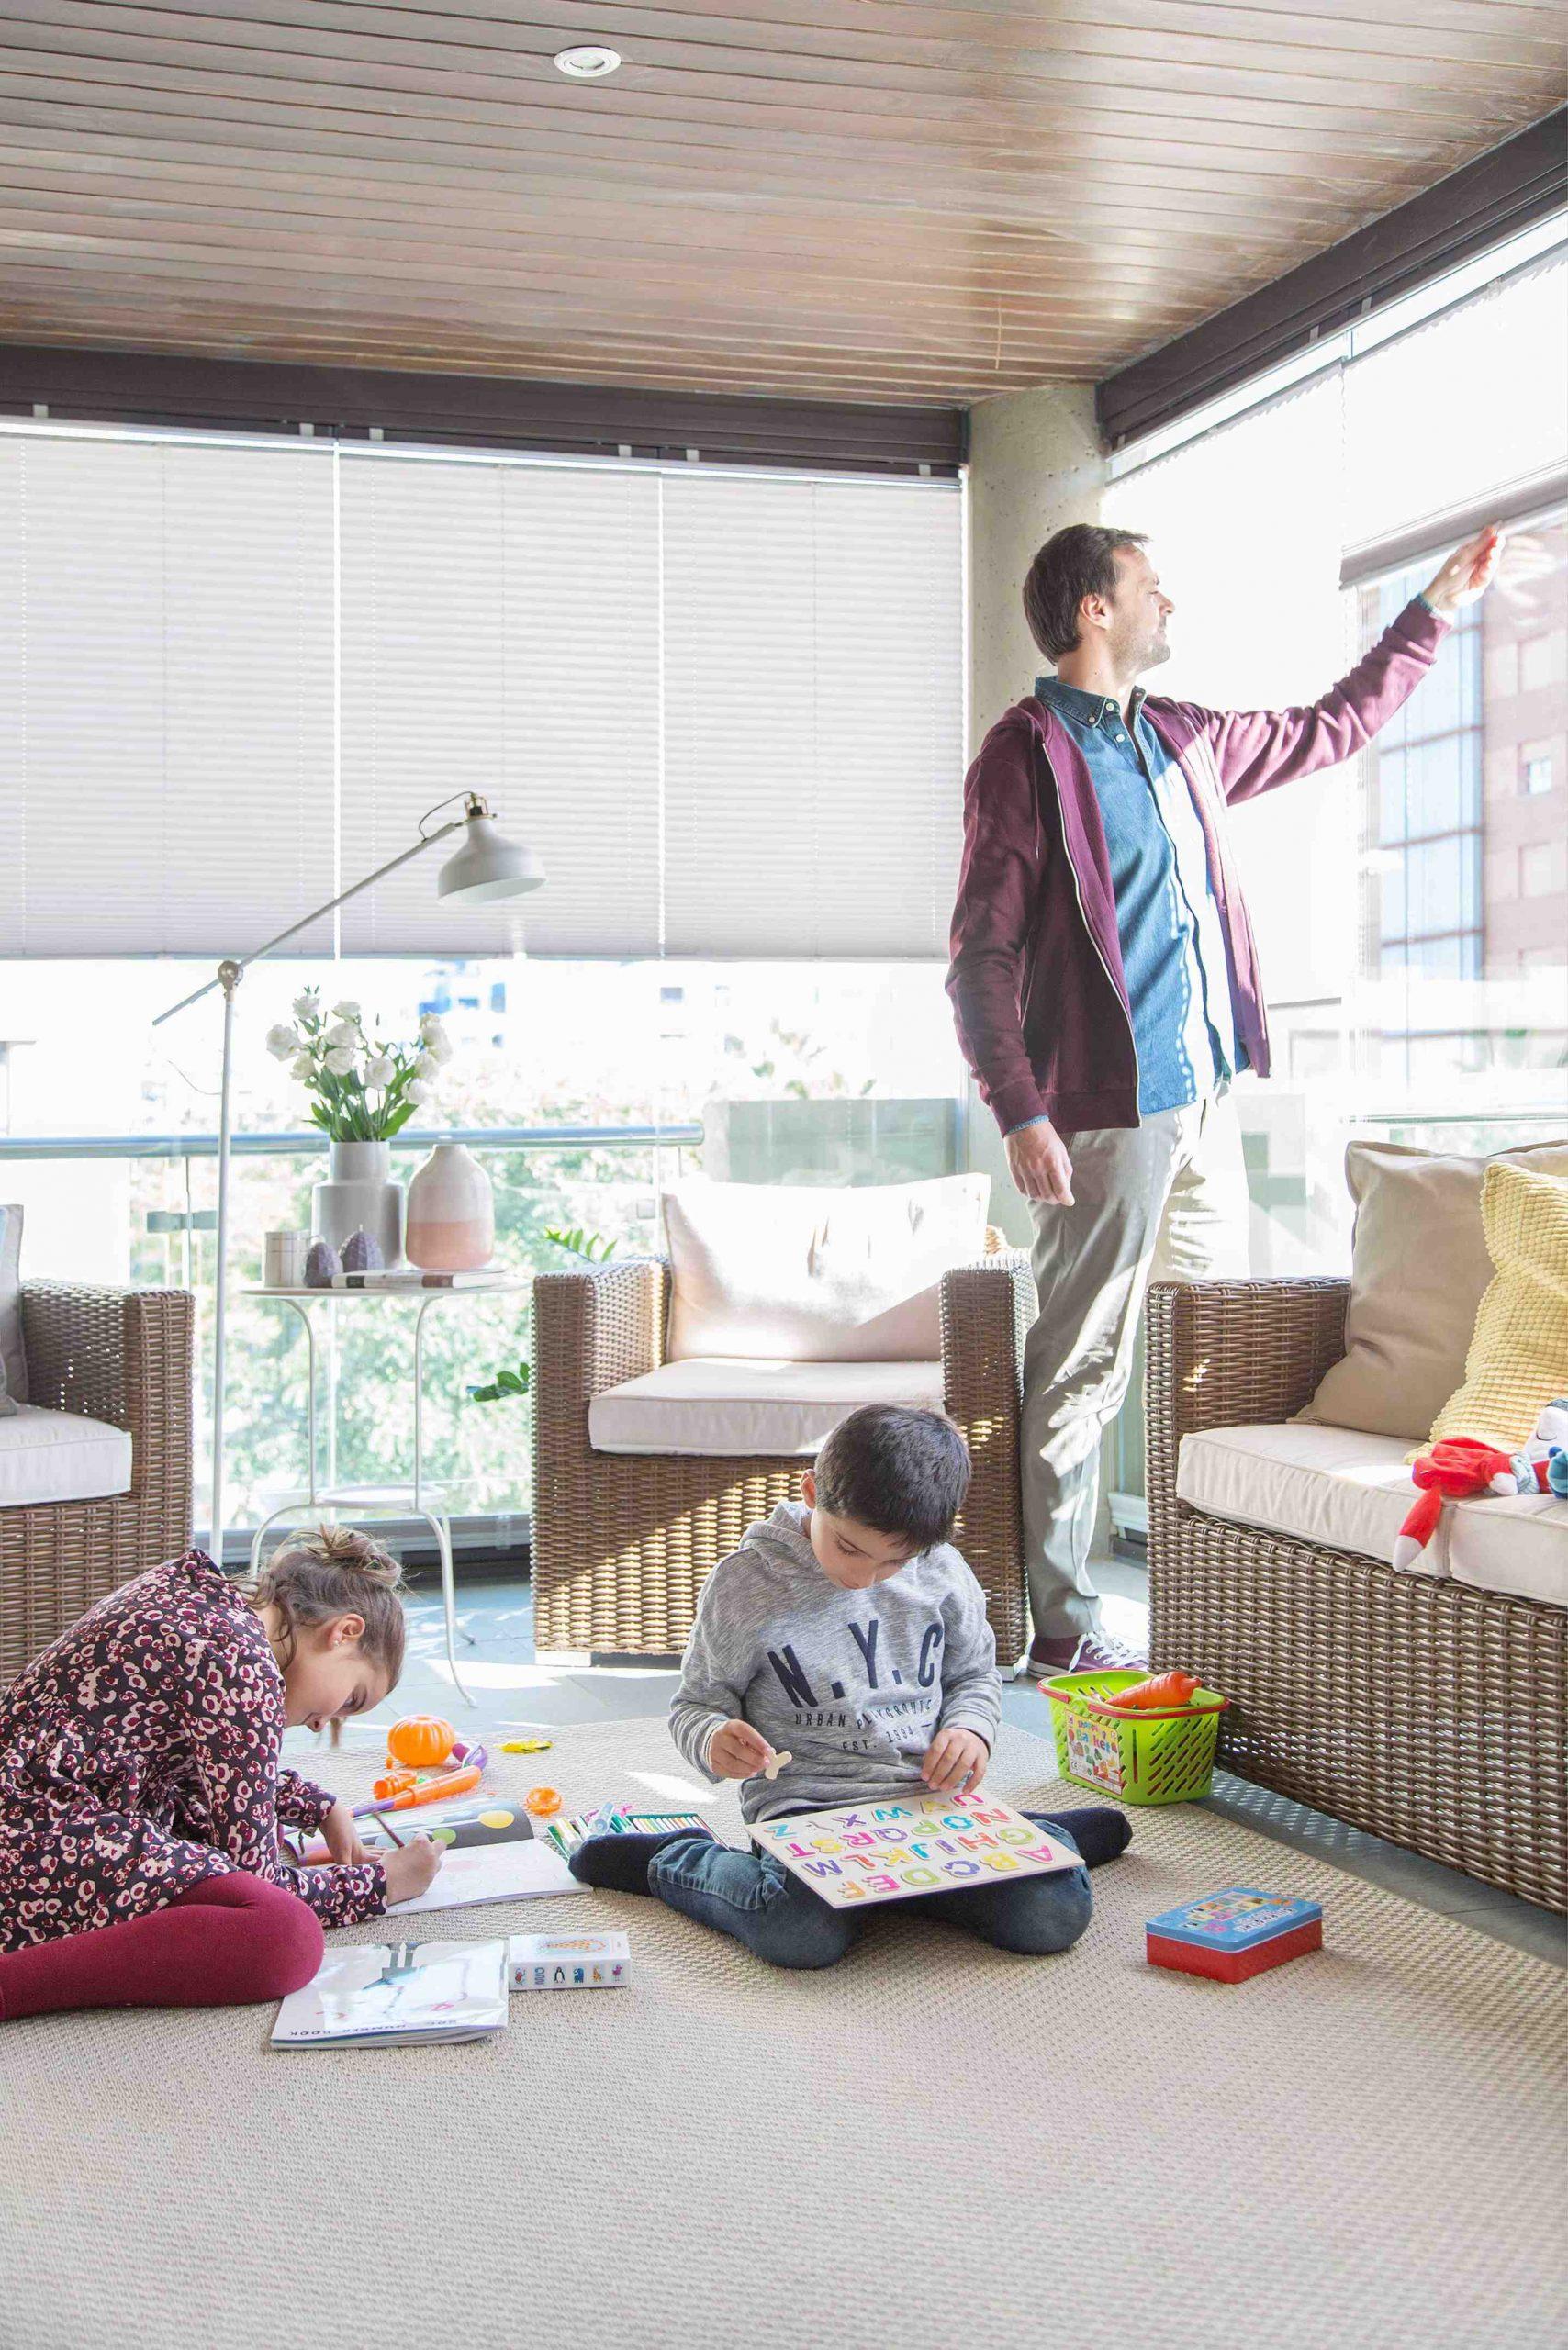 cerramientos y acristalamientos para terrazas y porches con cortinas de cristal;